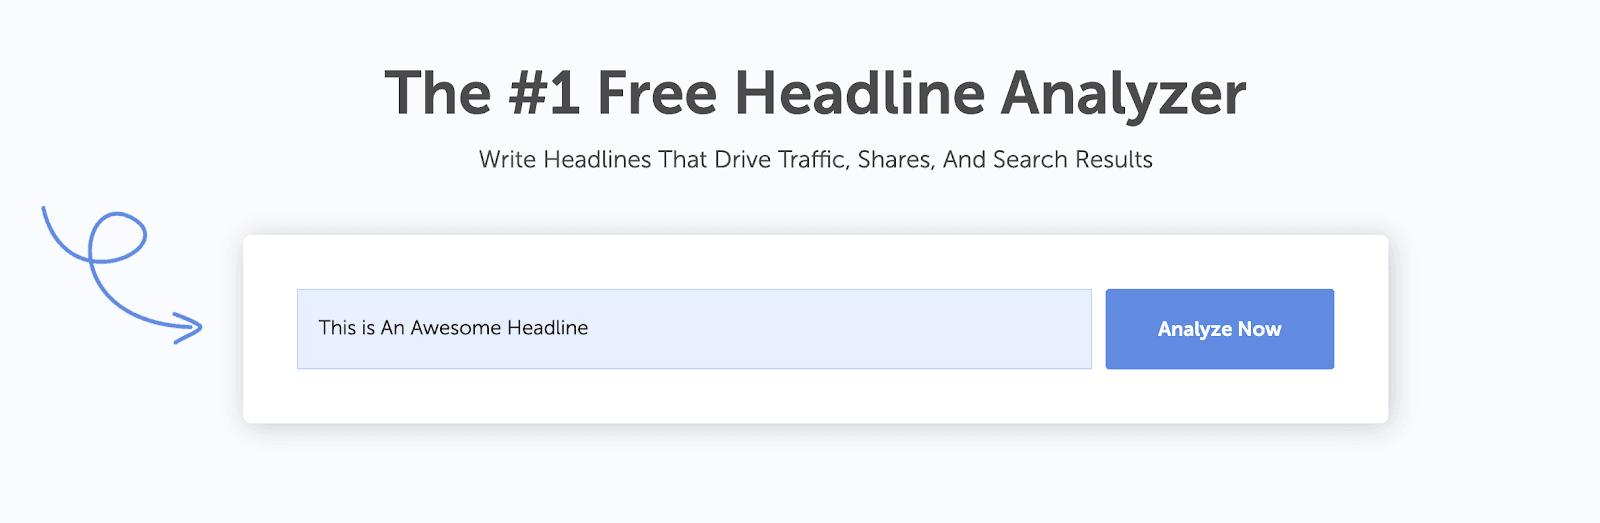 Headline Analyzer example headline